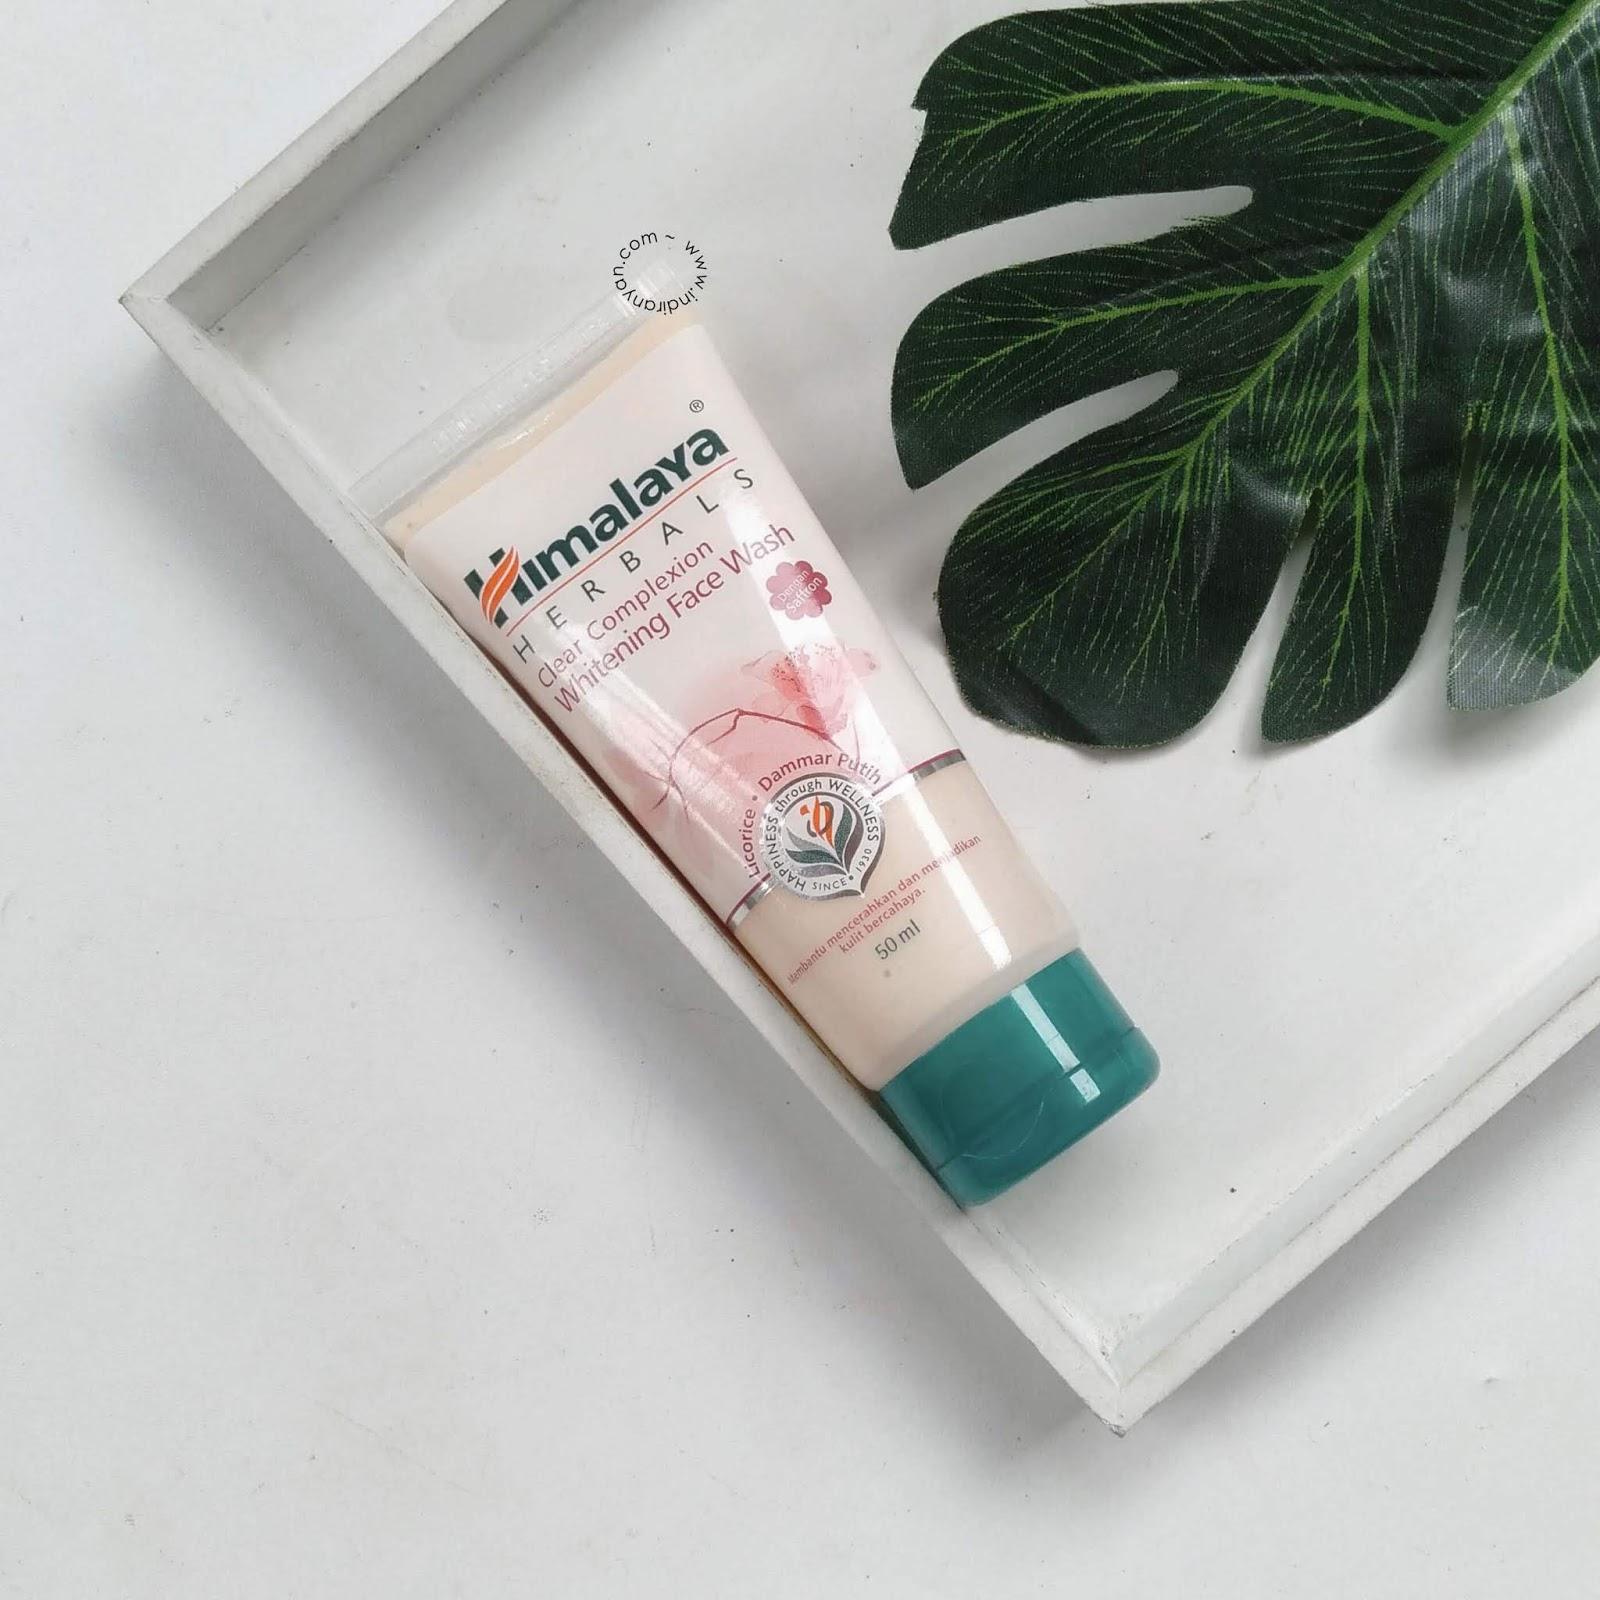 himalaya-herbals-whitening-face-wash